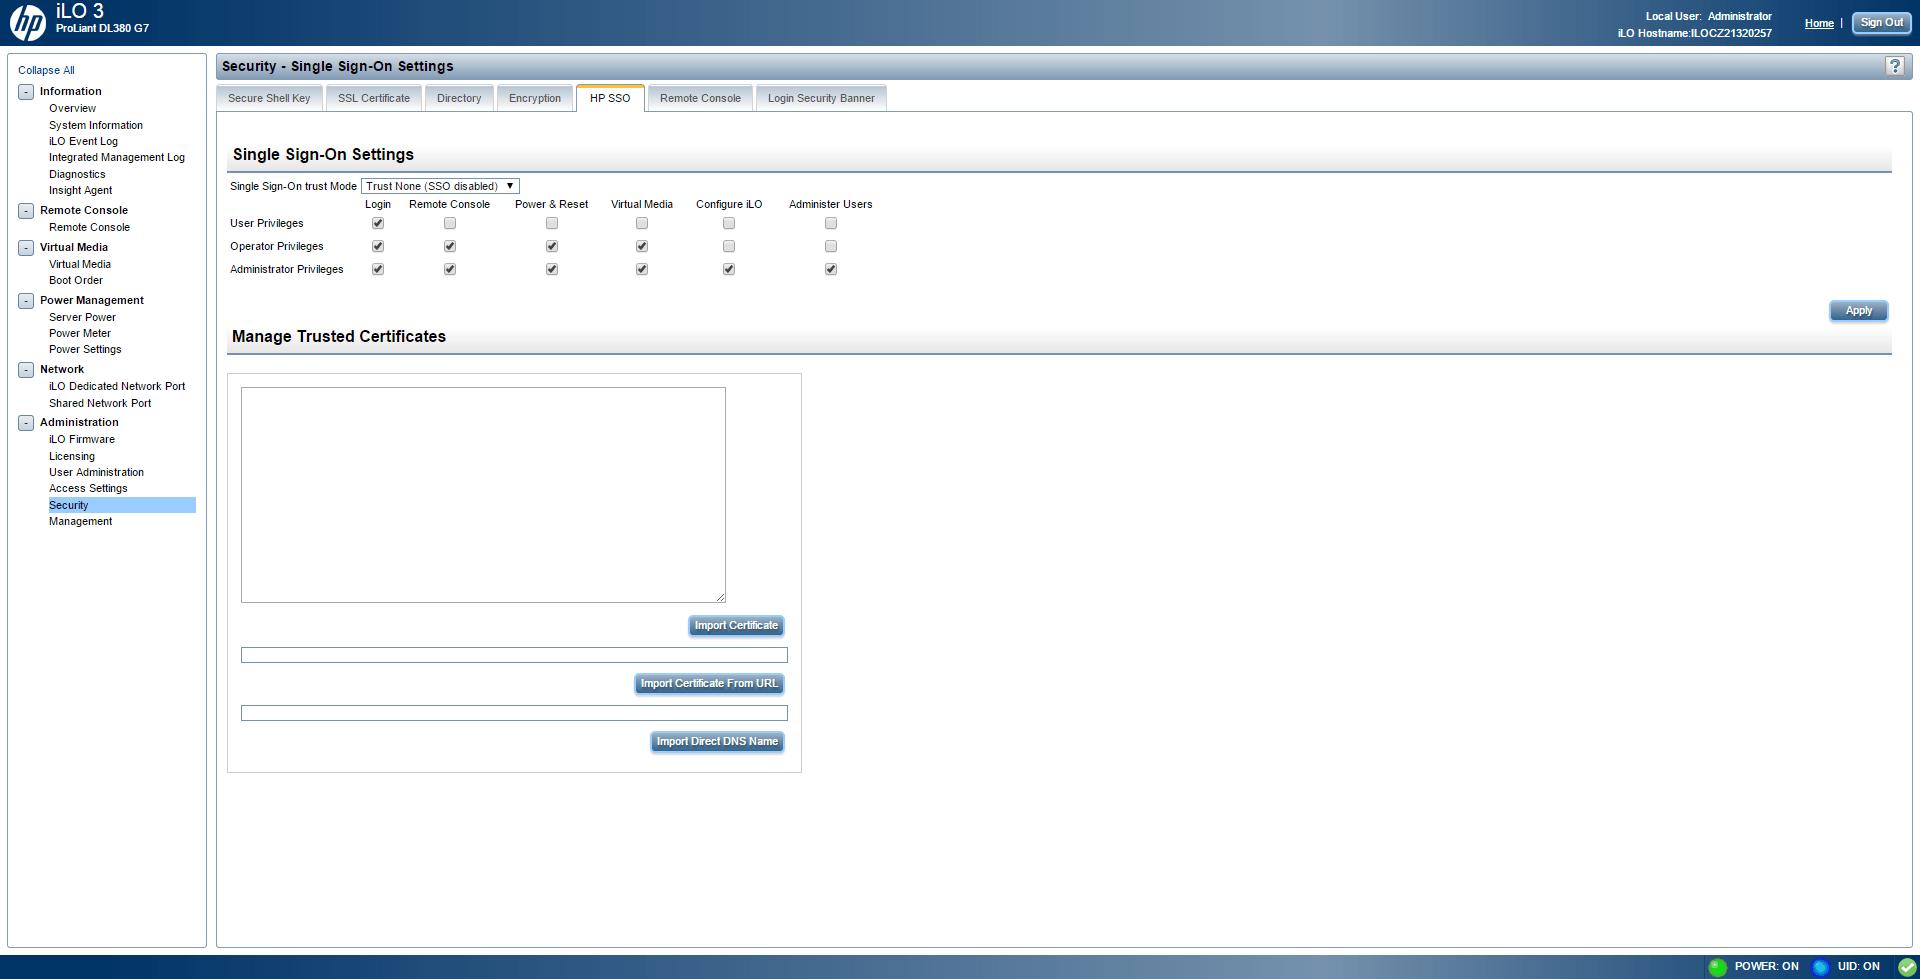 Обзор параметров ILO 3 в HP dl380 g7-27